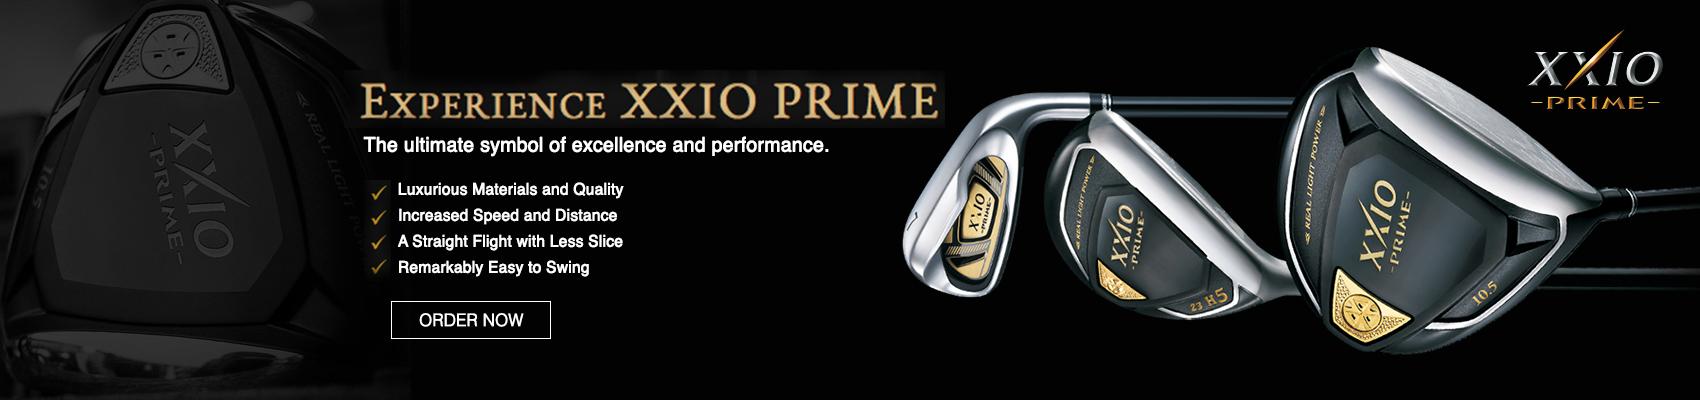 XXIO Golf Clubs & Equipment